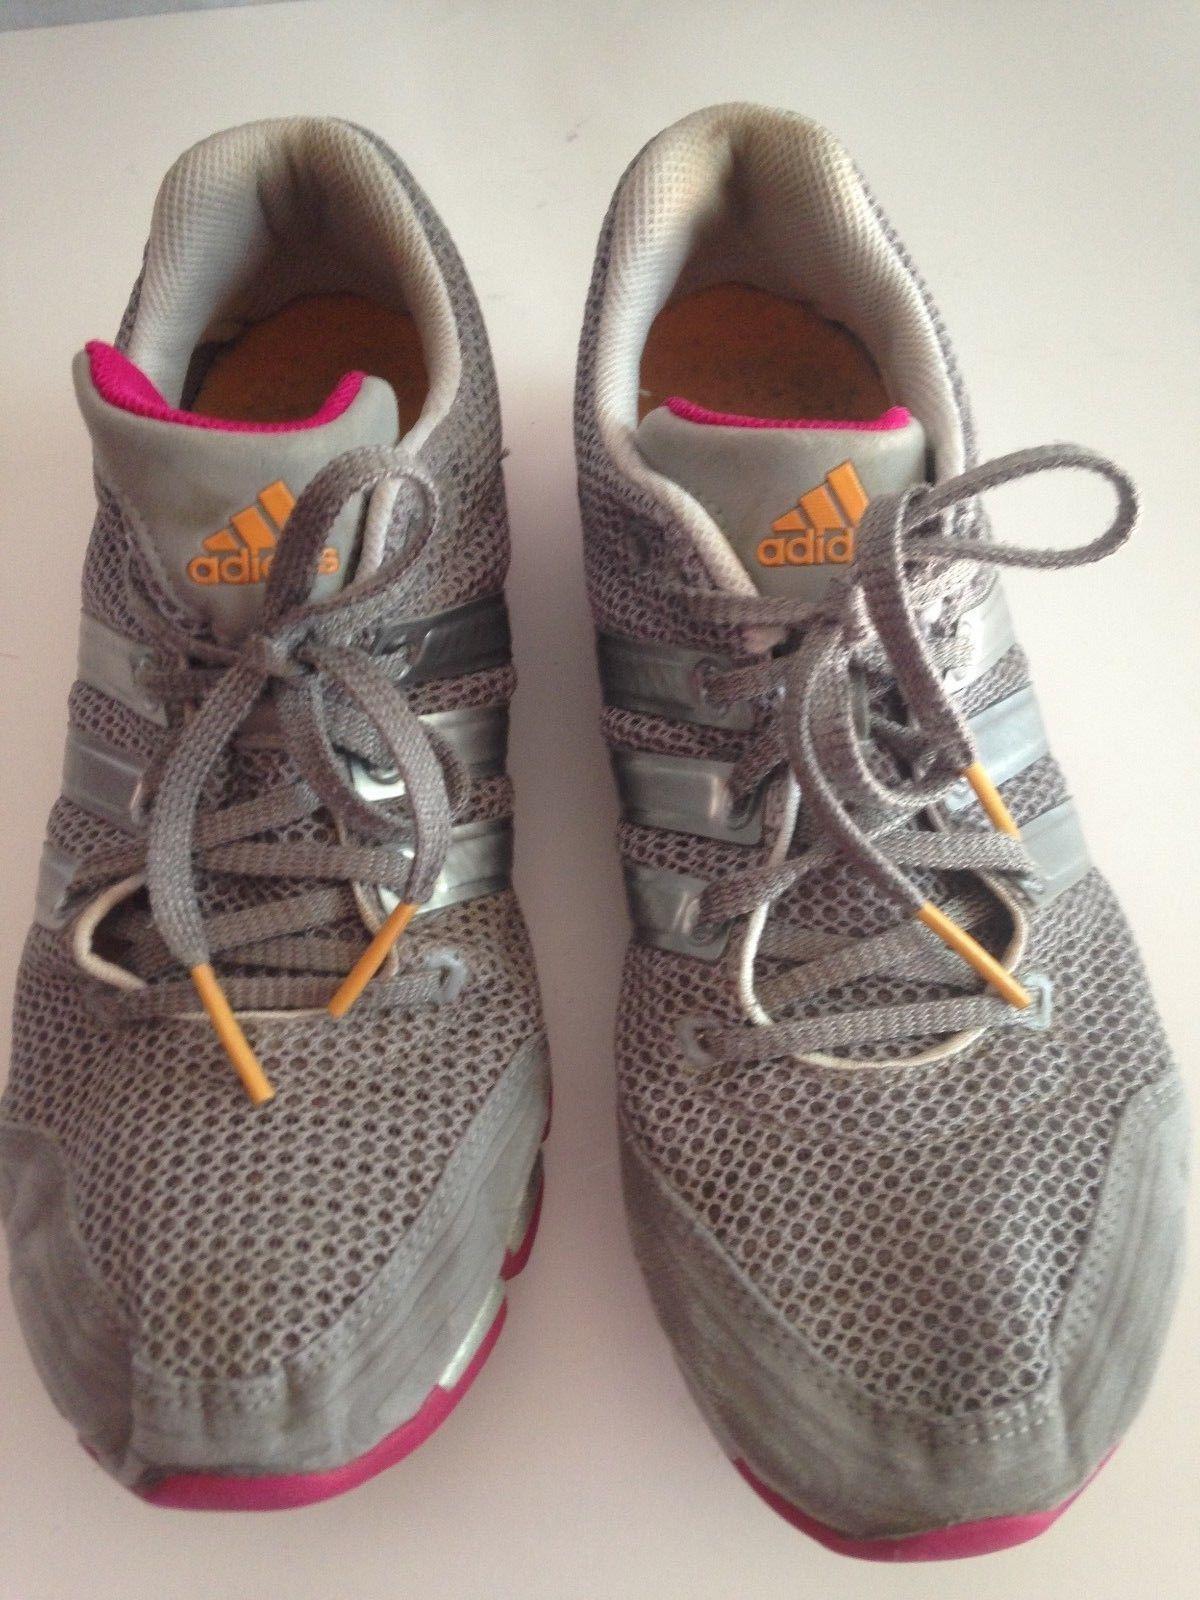 les baskets adidas originaux superstar de chaussures de sport pour femmes